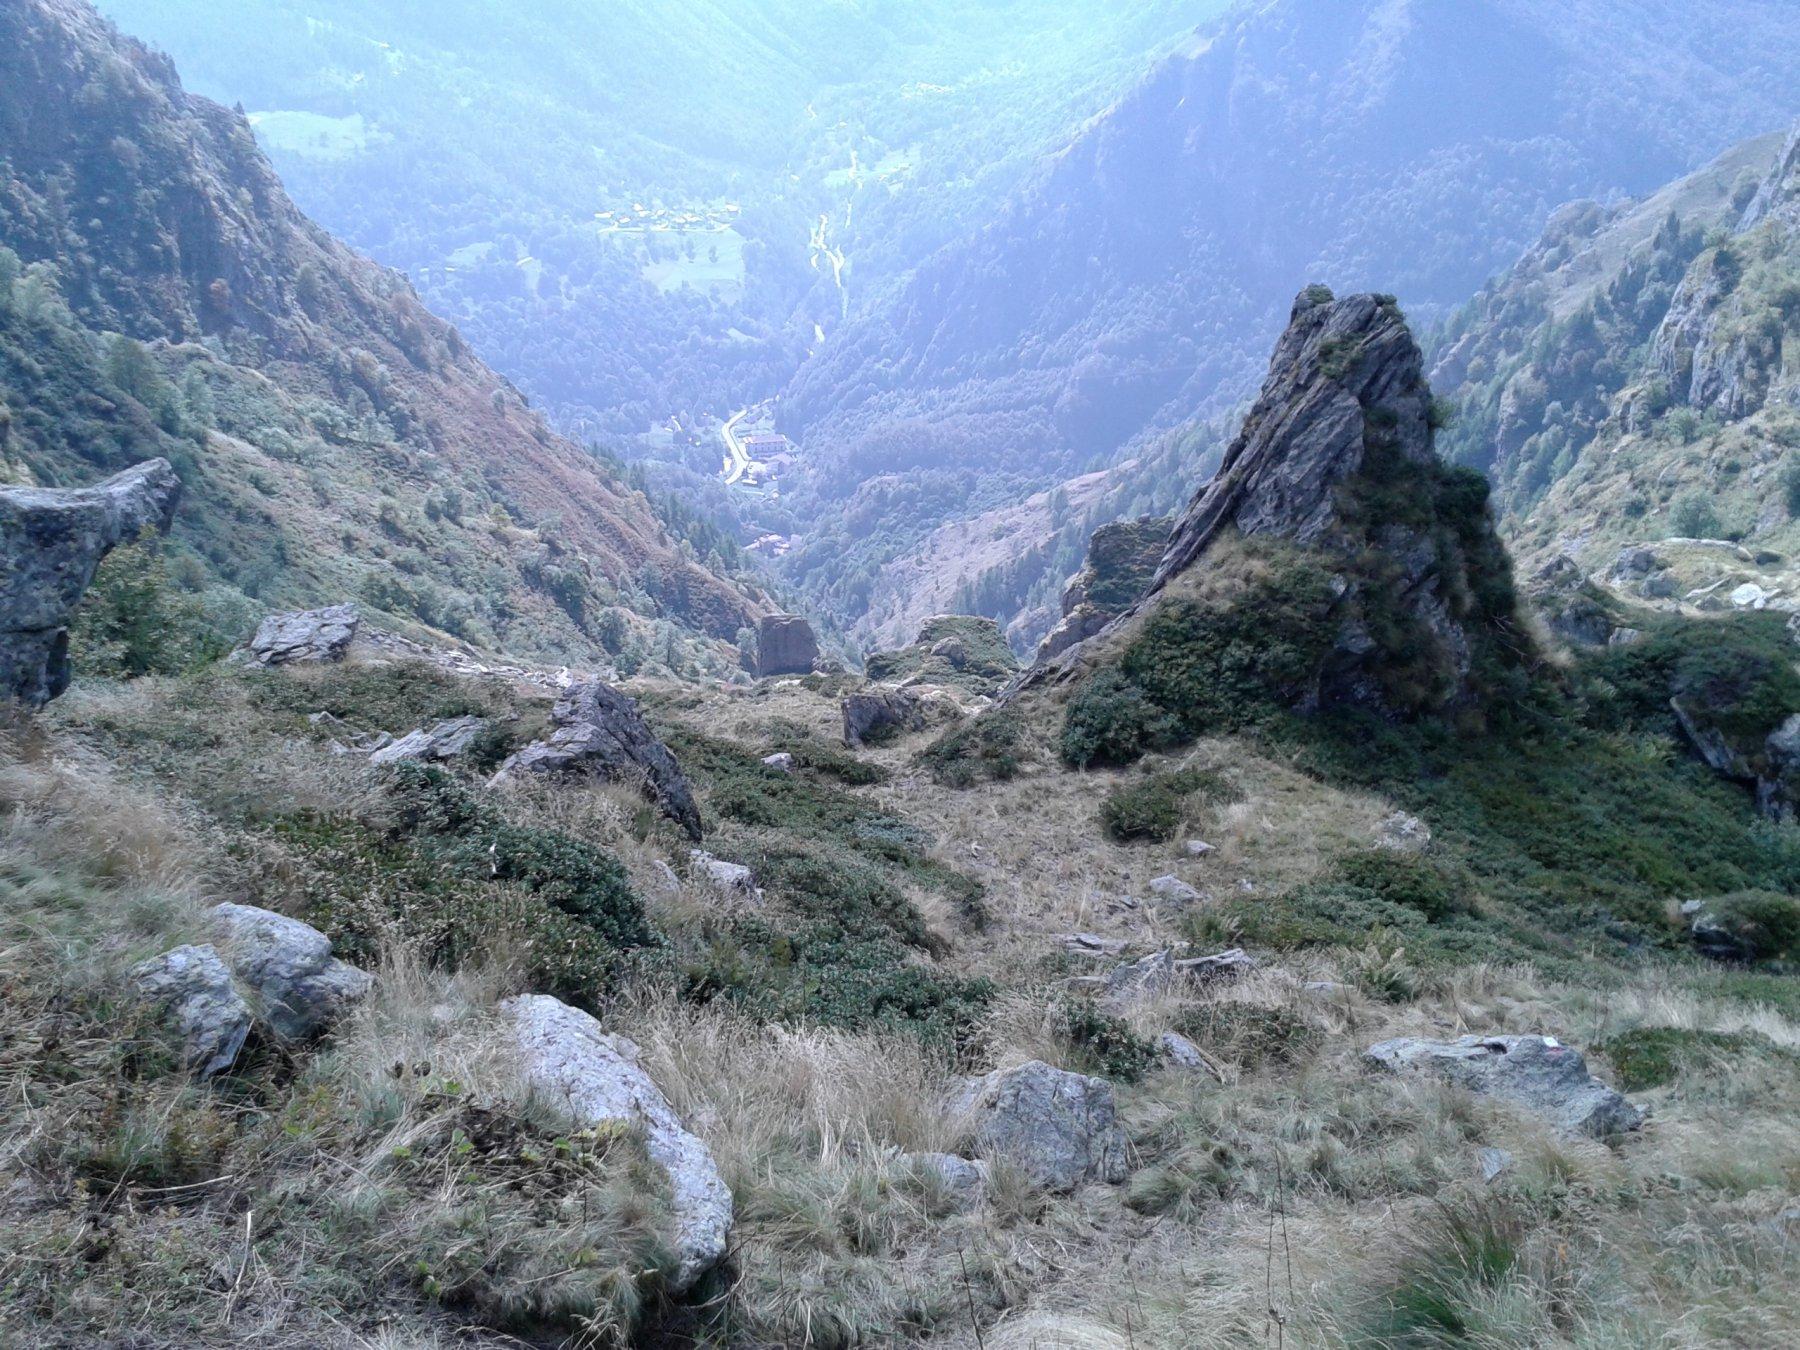 traccia tra cuspidi rocciose